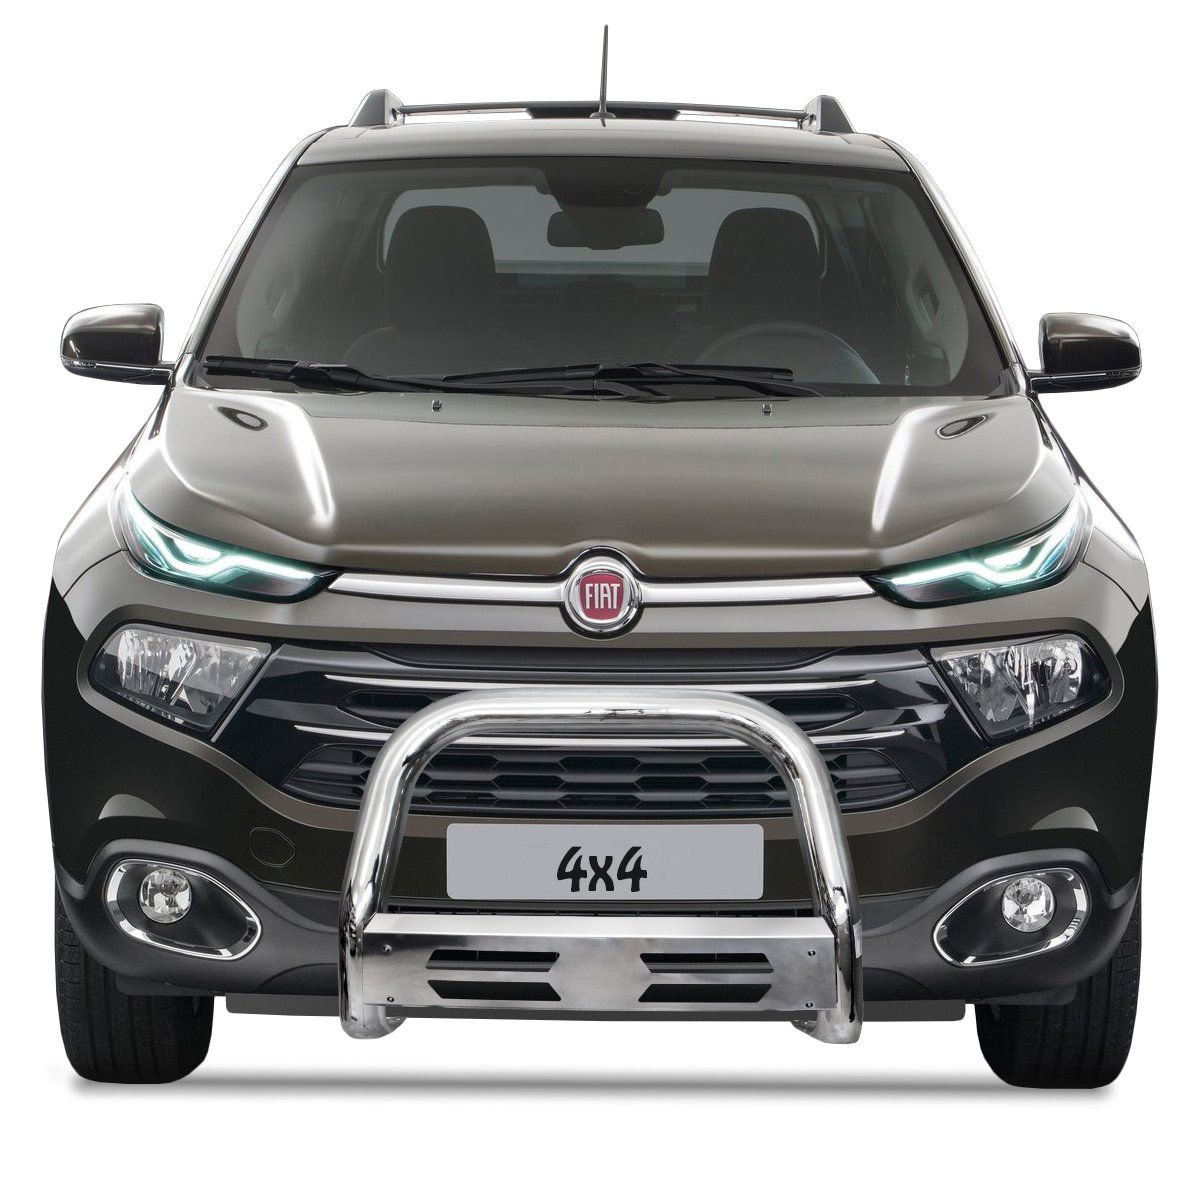 Parachoque Impulsão Fiat Toro 4x4 2016 a 2019 Mata Boi Cromado